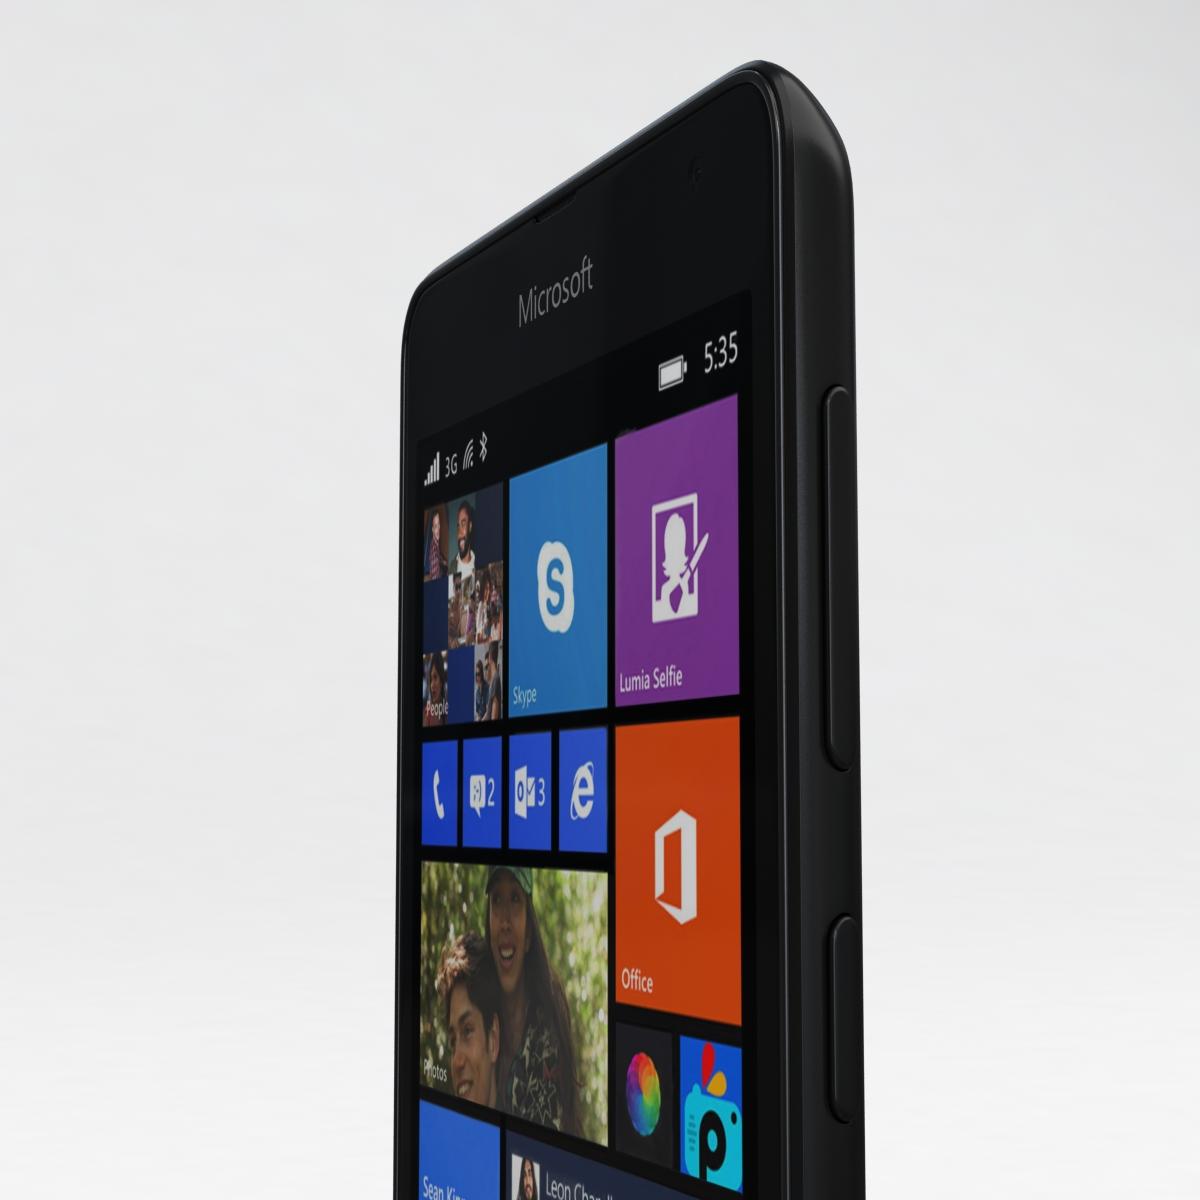 microsoft lumia 535 and dual sim all colors 3d model 3ds max fbx c4d obj 204709